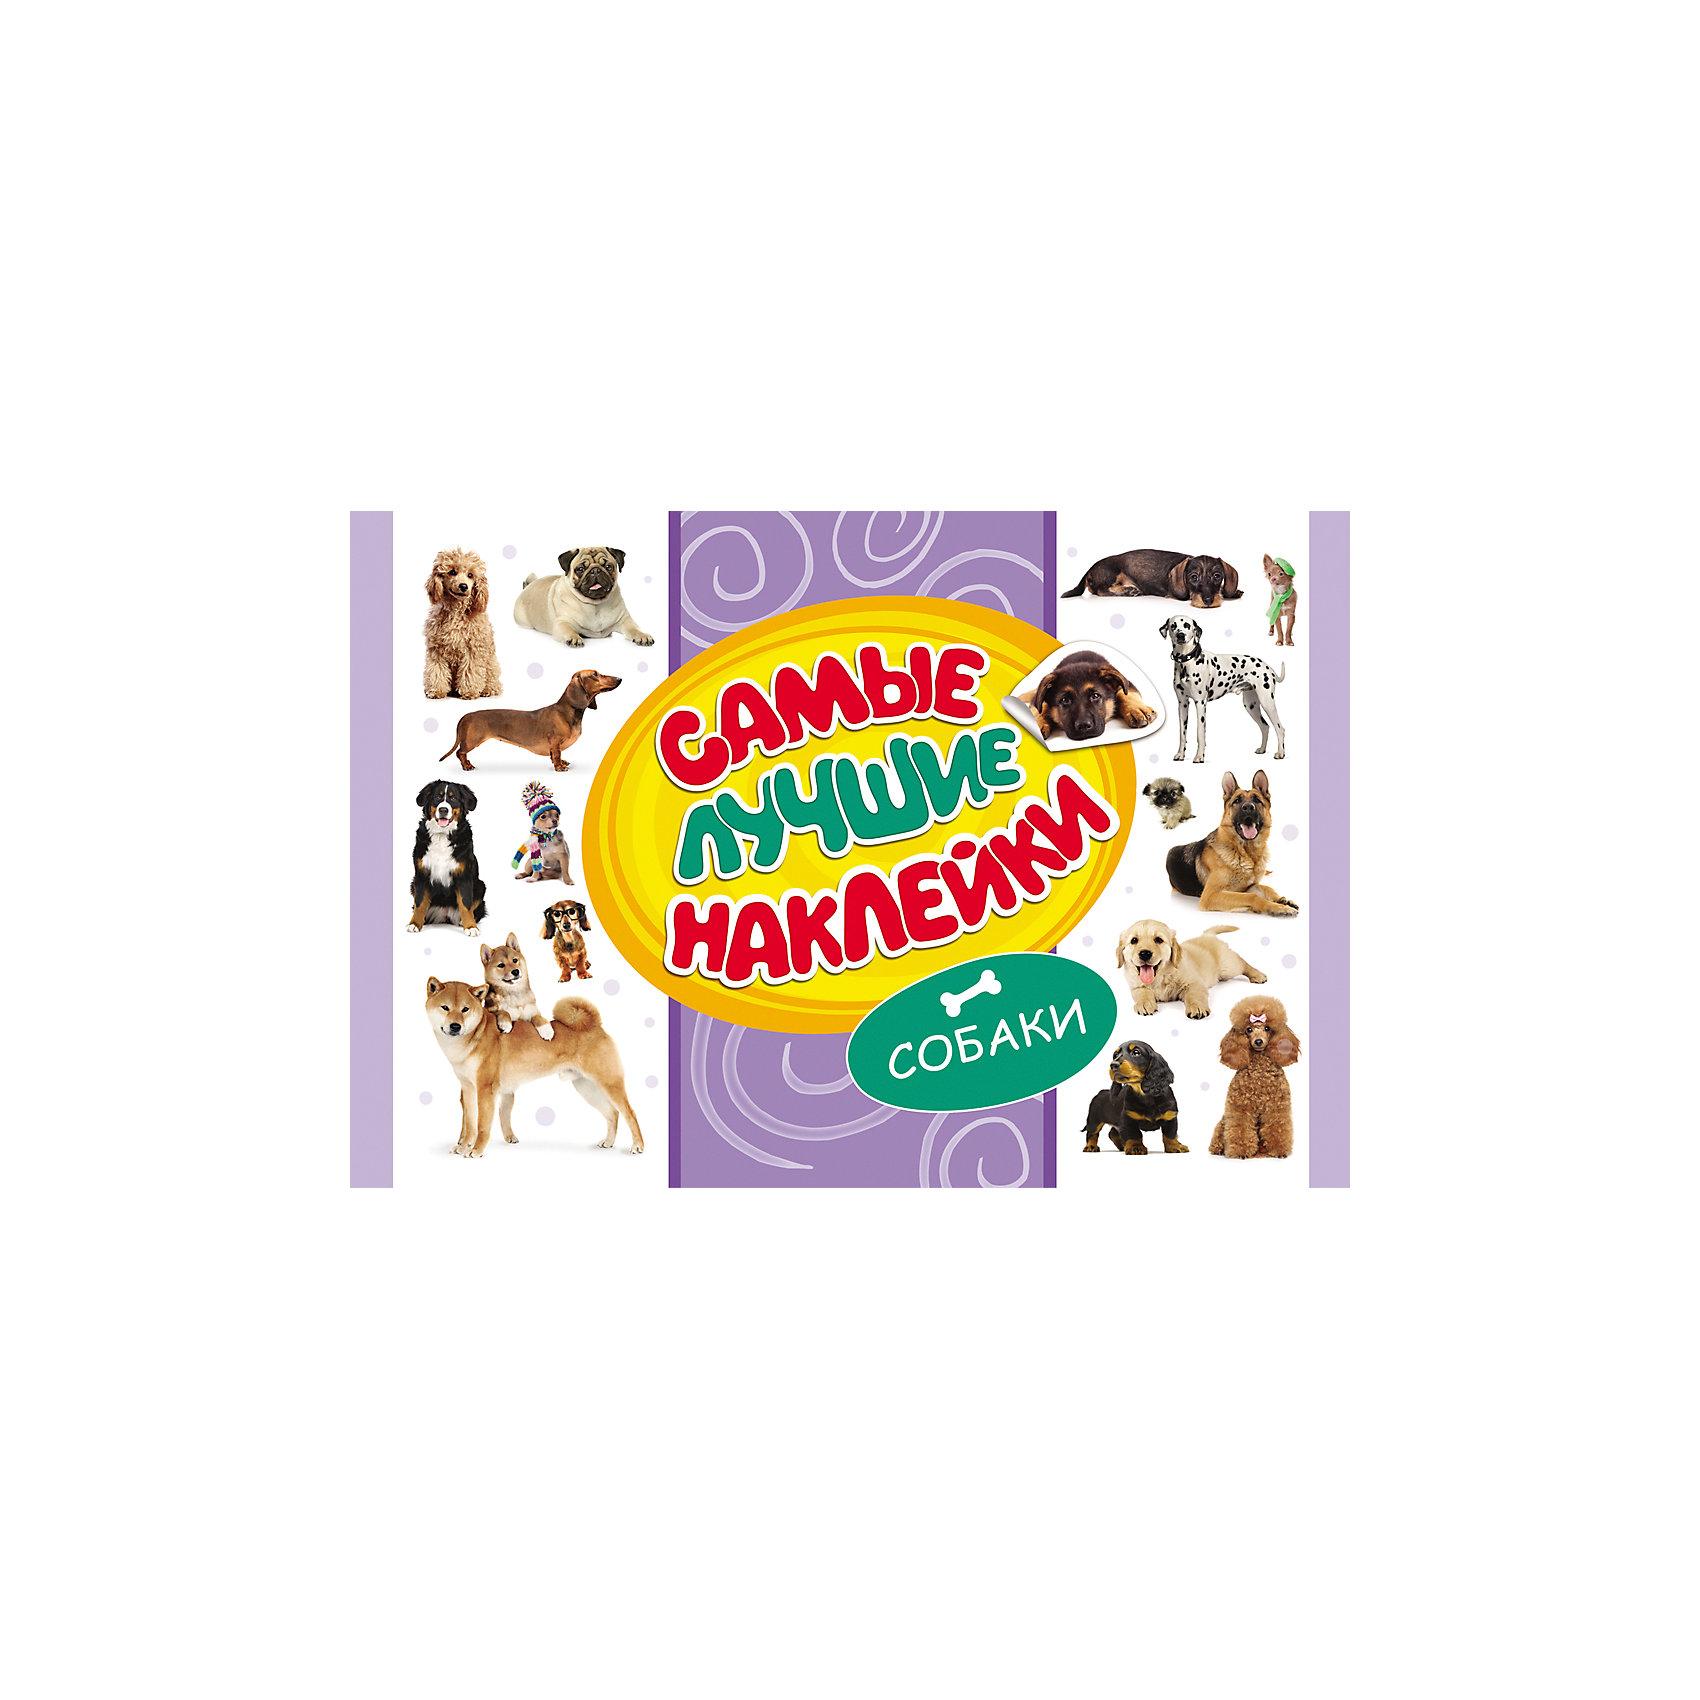 Самые лучшие наклейки, Собаки (336 наклеек)Росмэн<br>Альбом Самые лучшие наклейки, Собаки непременно порадует всех любителей этих популярных домашних питомцев. В альбоме содержится большое количество тематических наклеек с красочными изображениями собак разных пород. Они прекрасно подойдут для украшения рисунков, открыток, различных предметов и игрушек.<br><br><br>Дополнительная информация:<br><br>- Серия: Стикерляндия<br>- Обложка: мягкая.<br>- Иллюстрации: цветные.<br>- Объем: 16 стр.<br>- Размер: 30 х 0,2 х 20 см.<br>- Вес: 101 гр.<br><br>Самые лучшие наклейки, Собаки, Росмэн, можно купить в нашем интернет-магазине.<br><br>Ширина мм: 300<br>Глубина мм: 200<br>Высота мм: 2<br>Вес г: 101<br>Возраст от месяцев: 60<br>Возраст до месяцев: 144<br>Пол: Унисекс<br>Возраст: Детский<br>SKU: 4720617